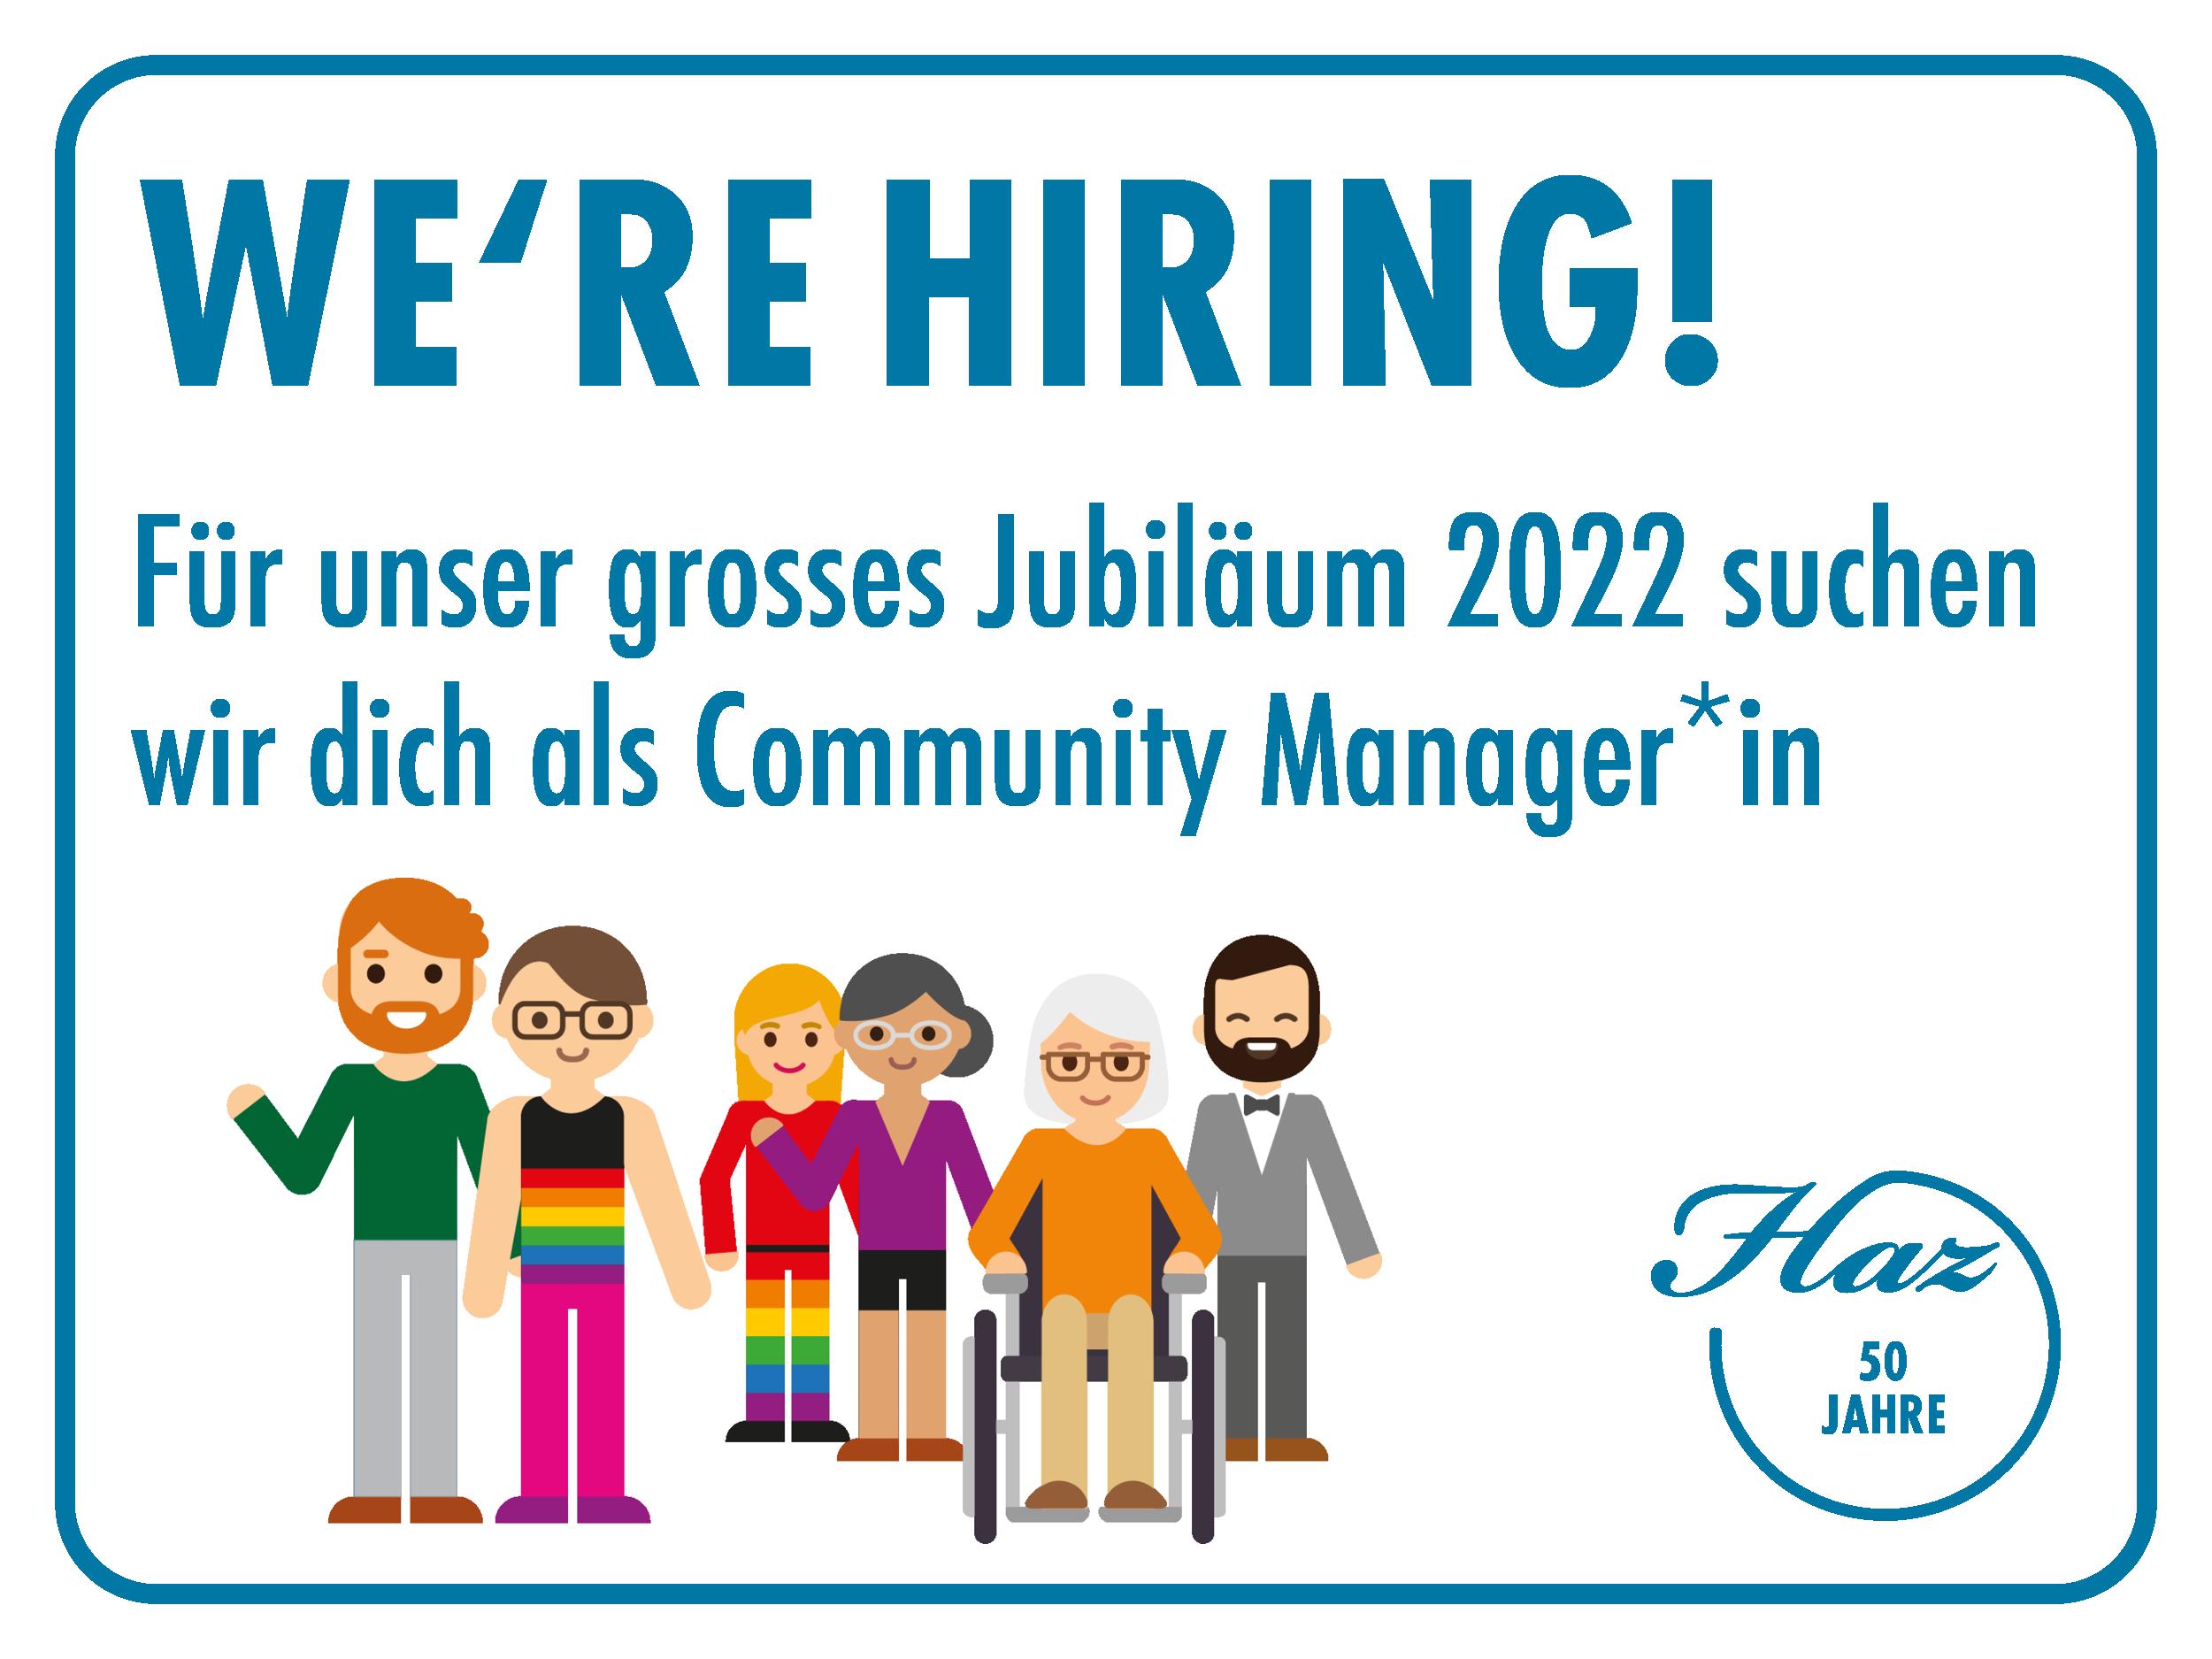 We 're hiring. Für unser grosses Jubiläum 2022 suchen wir dich als Community Manager*in. Logo HAZ, Gruppe mit Fig¨rchen, bunt gekleidet.